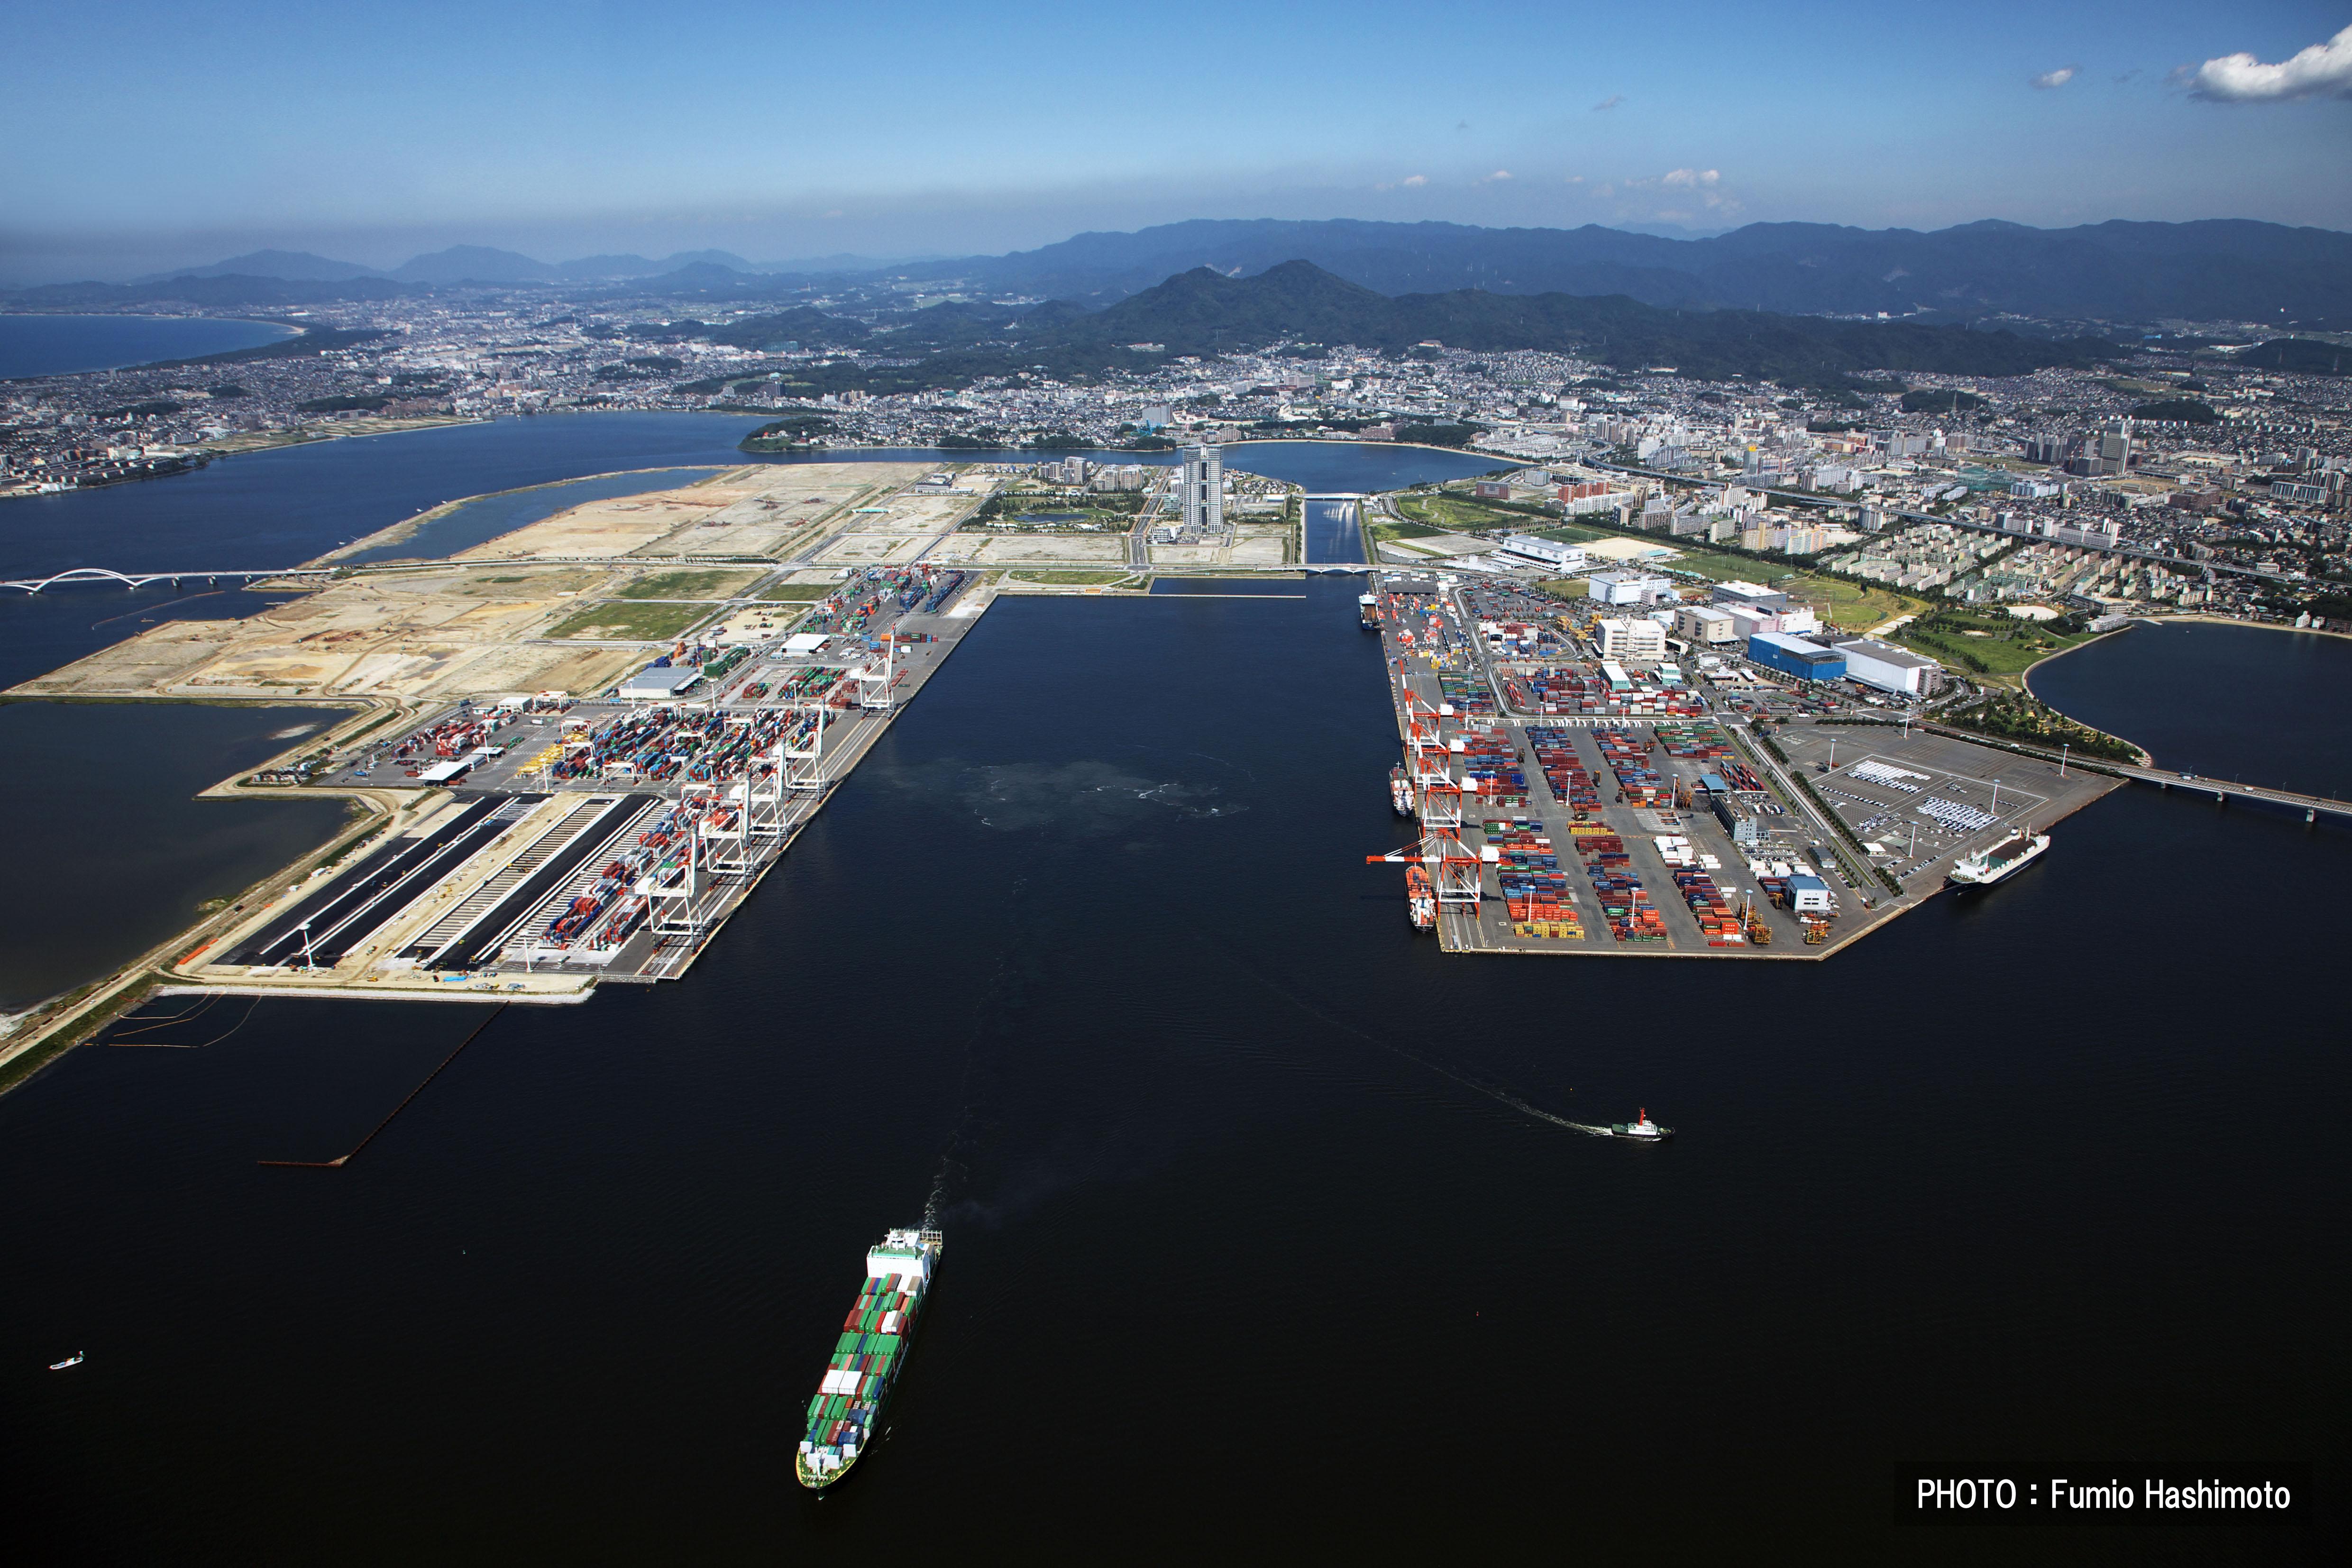 コンテナターミナル(2009)の画像